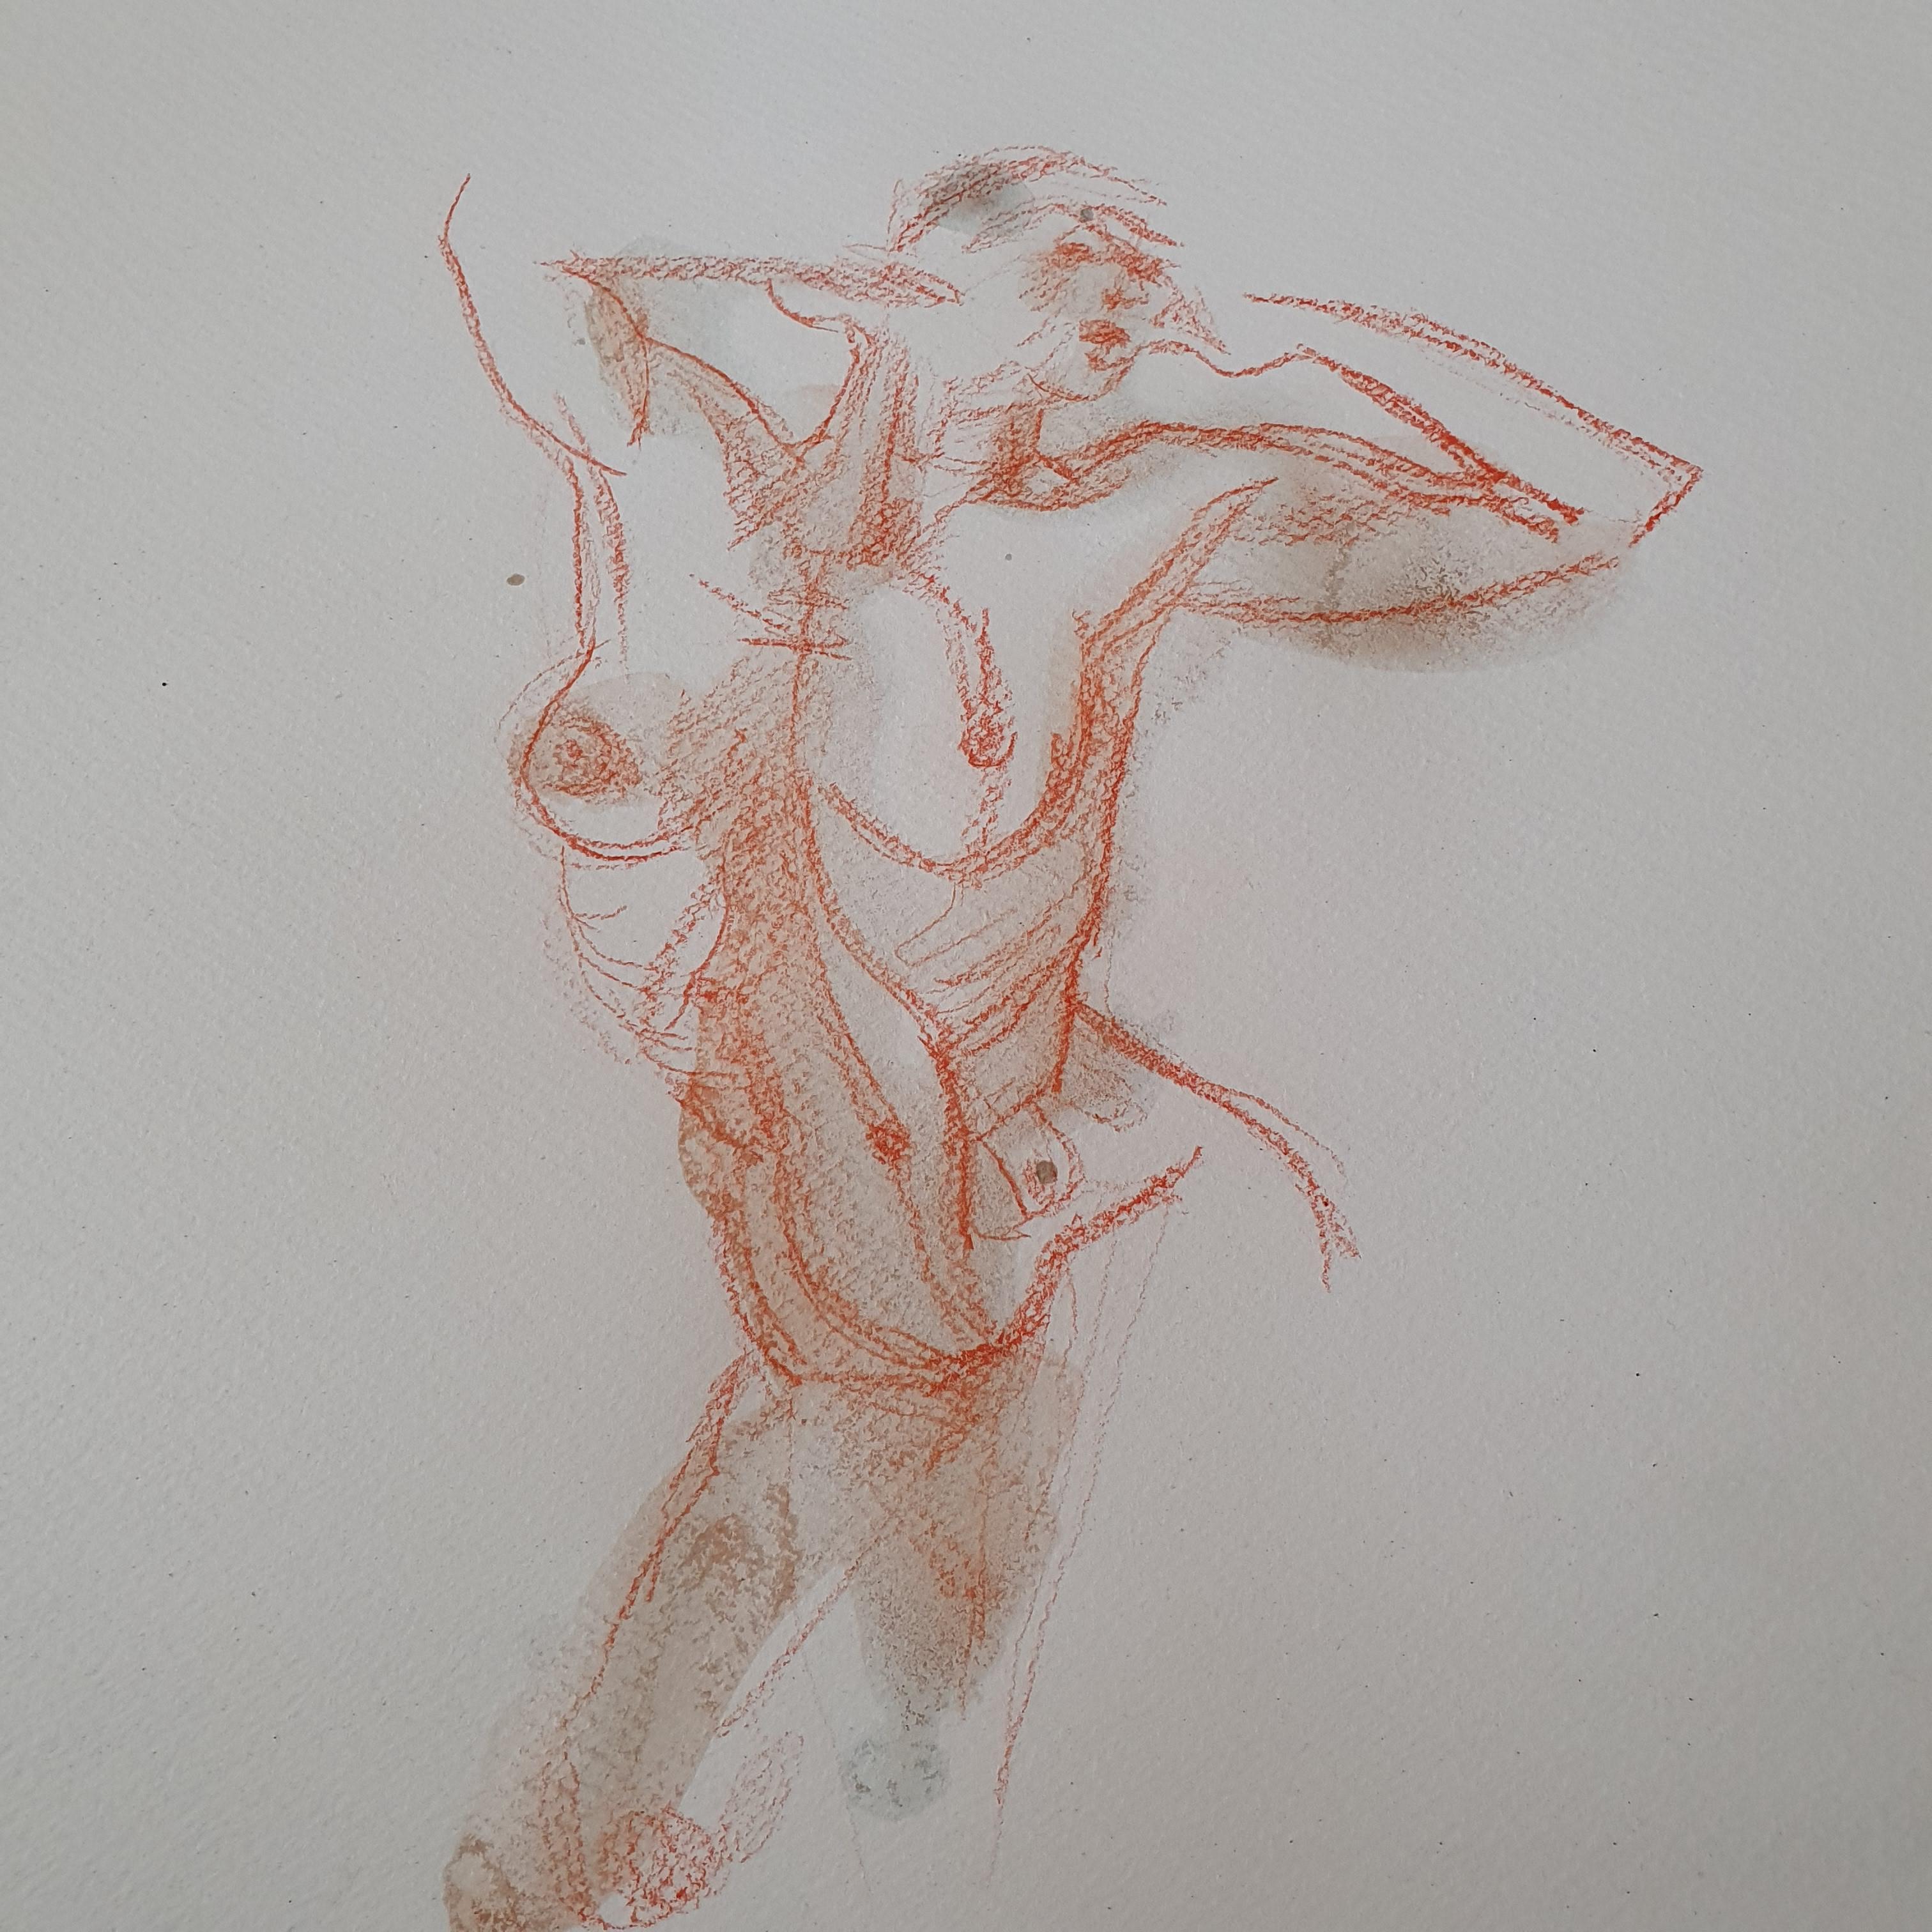 Buste sanguine eau croquis  cours de dessin